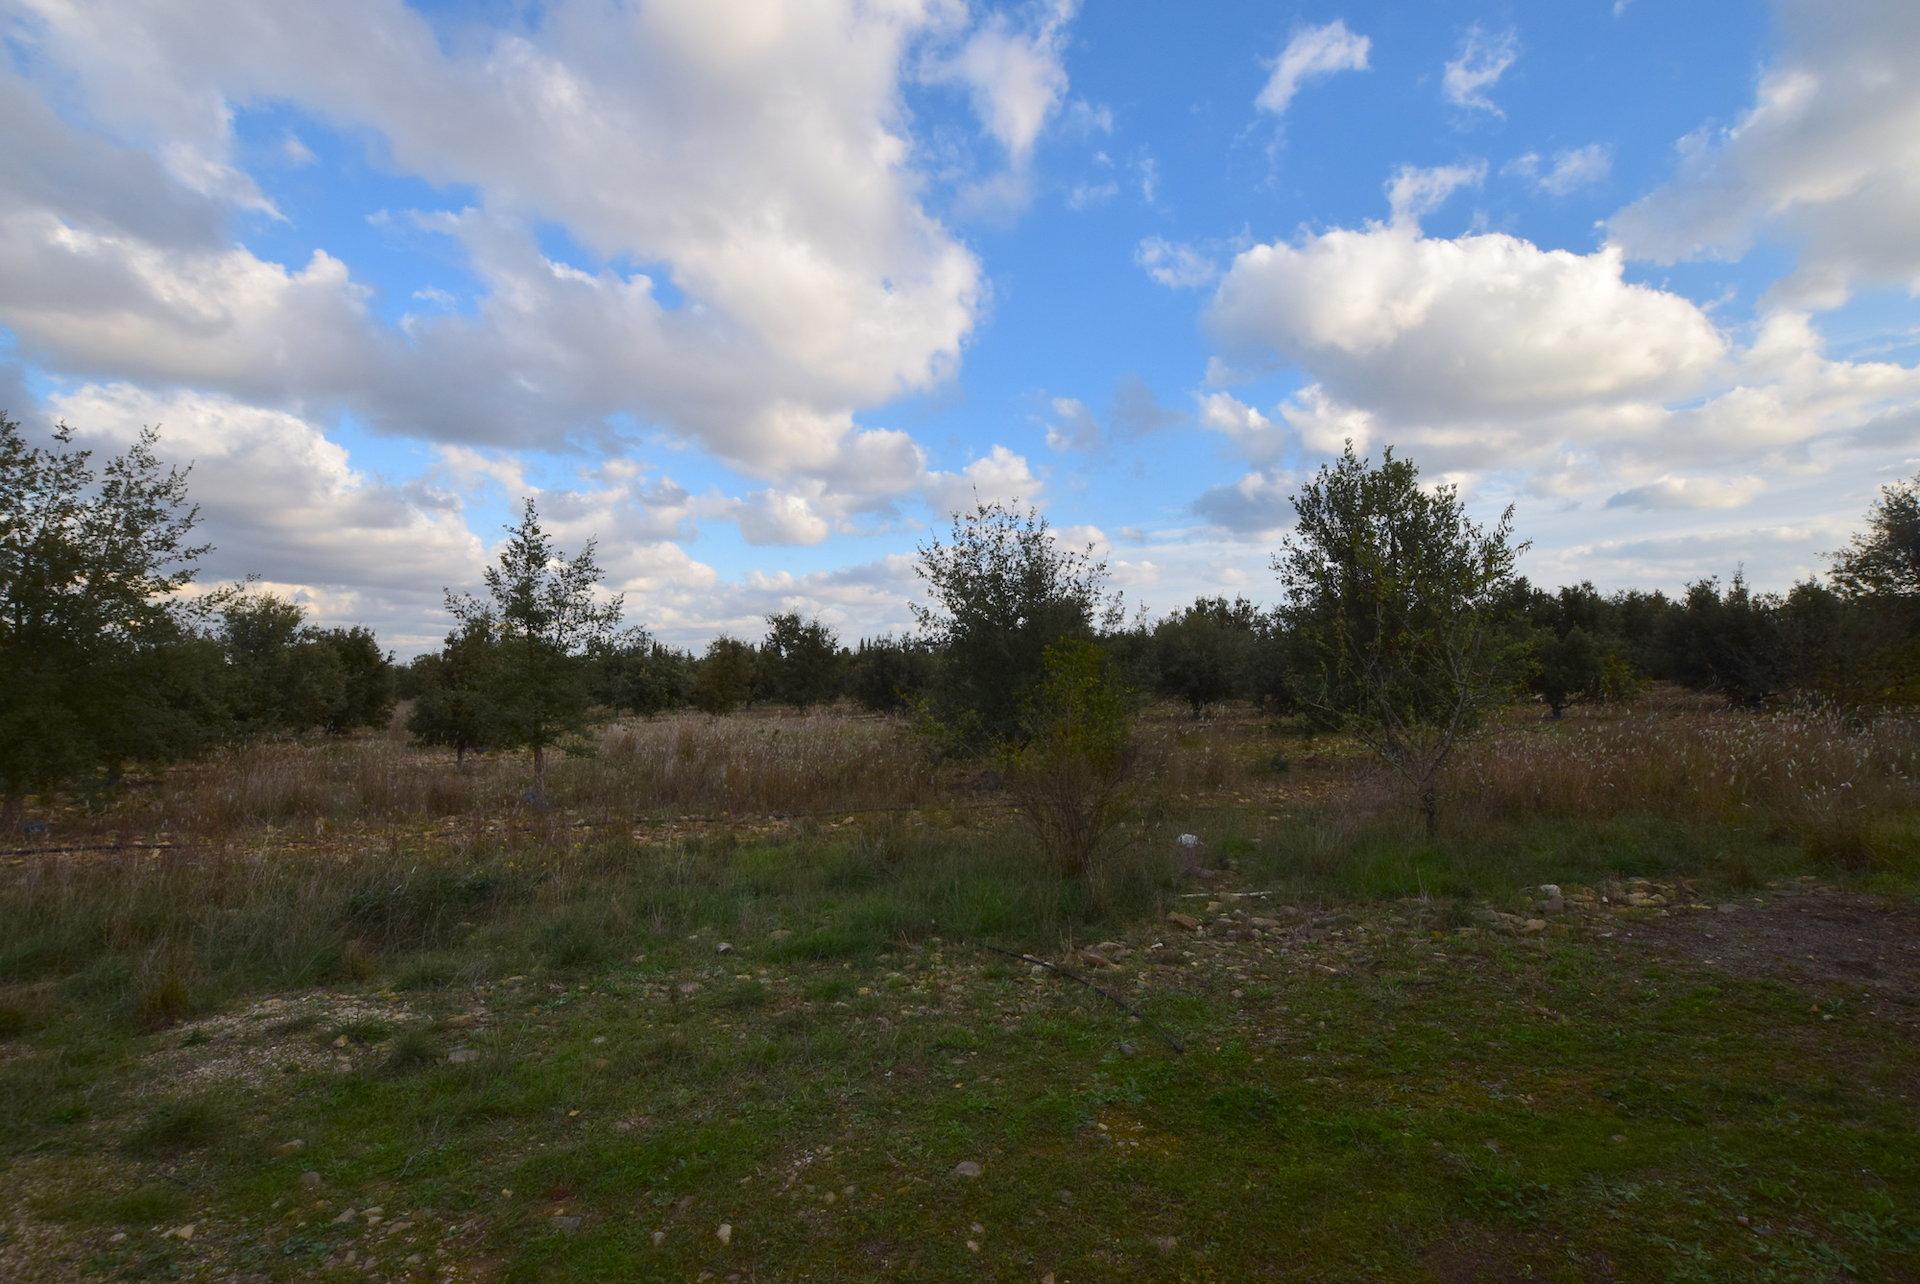 Ensemble immobilier avec 14 hectares dont 10 hect en truffière